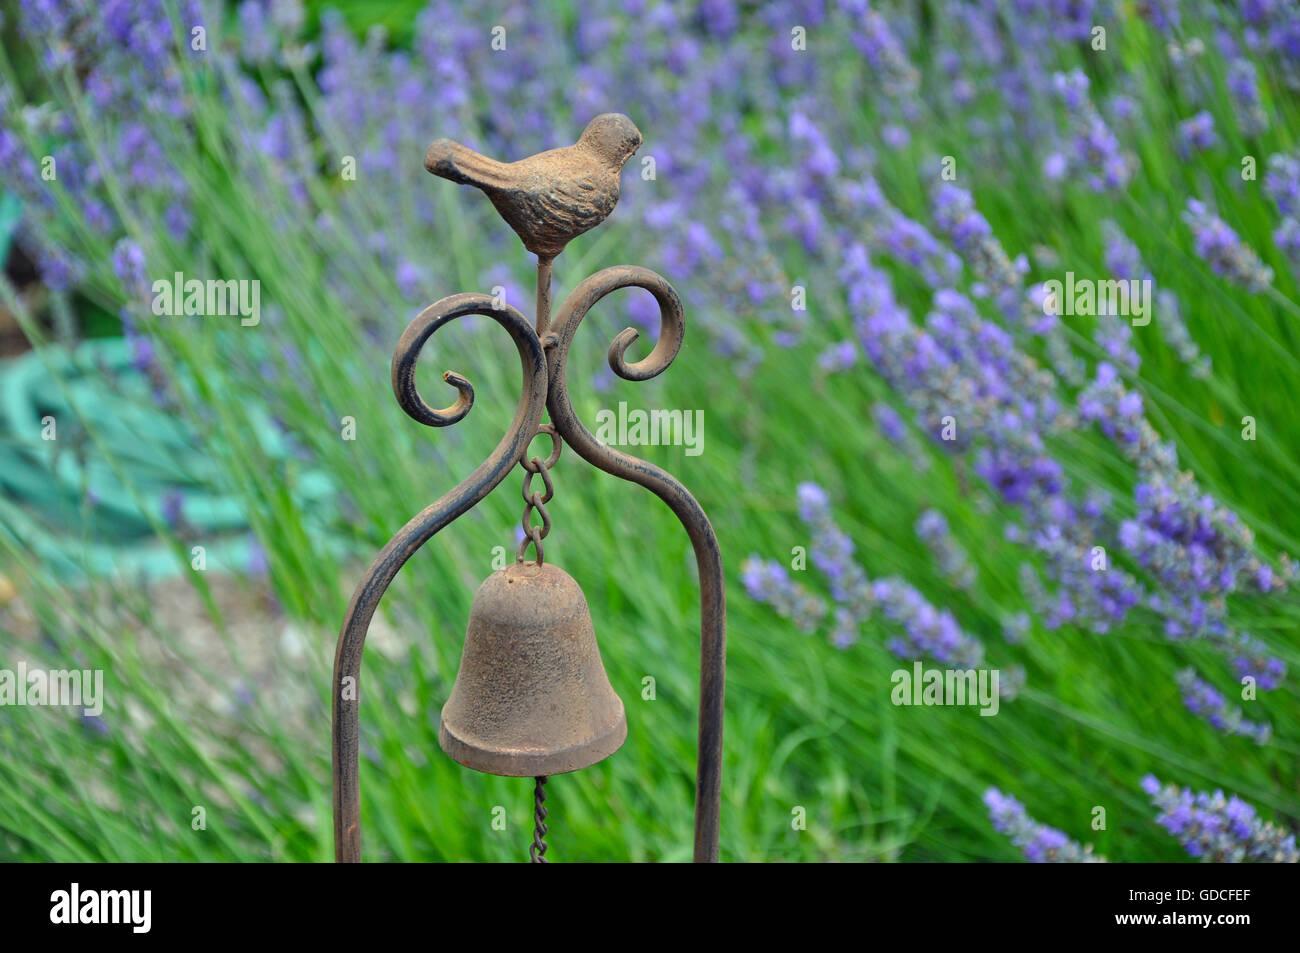 Pretty bird decorative wind chime in lavender garden Stock Photo ...